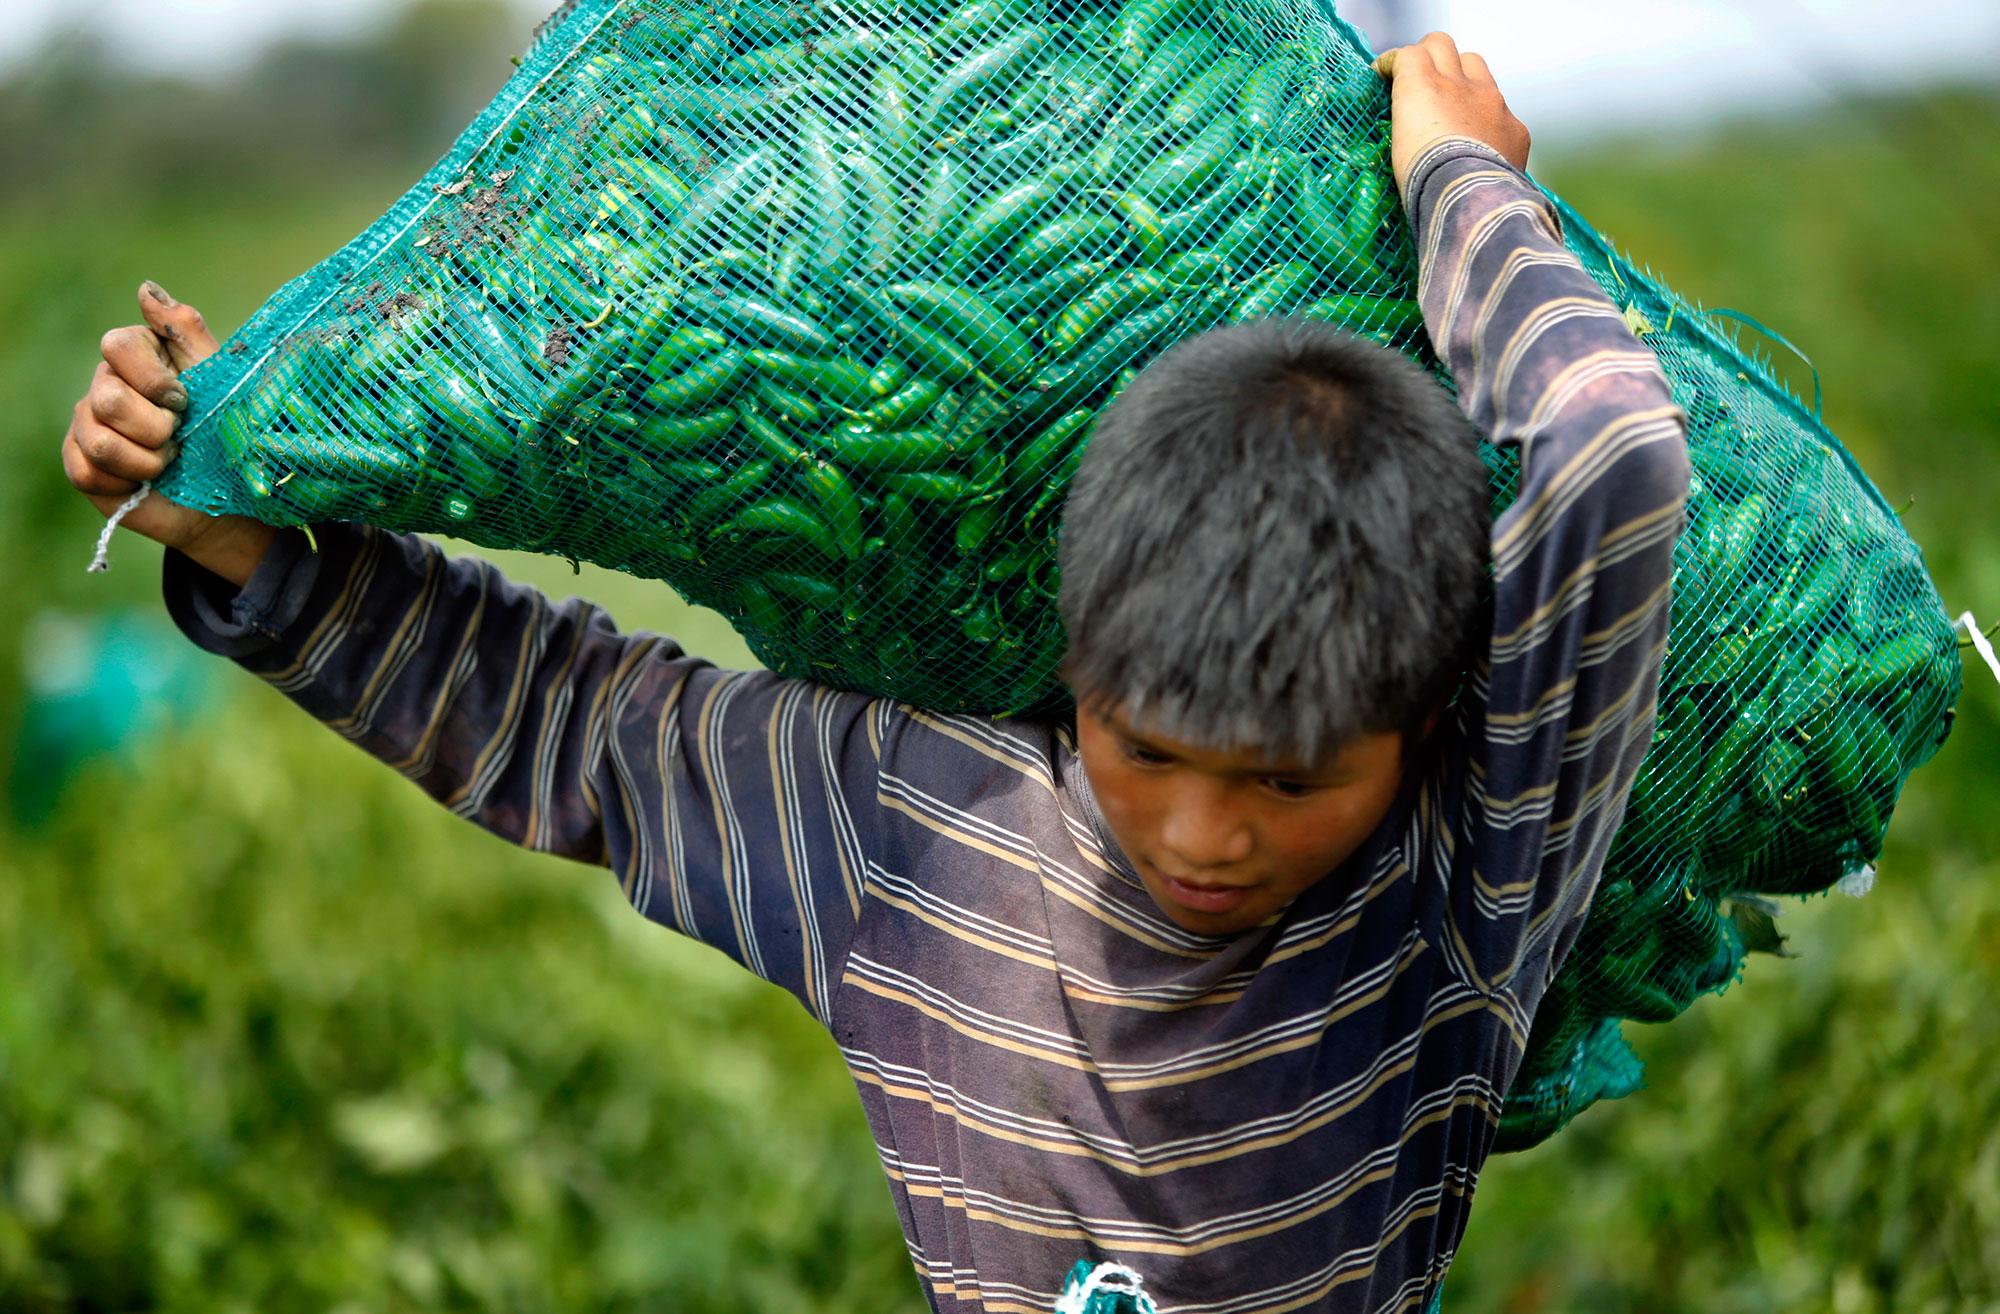 A Child's Burden